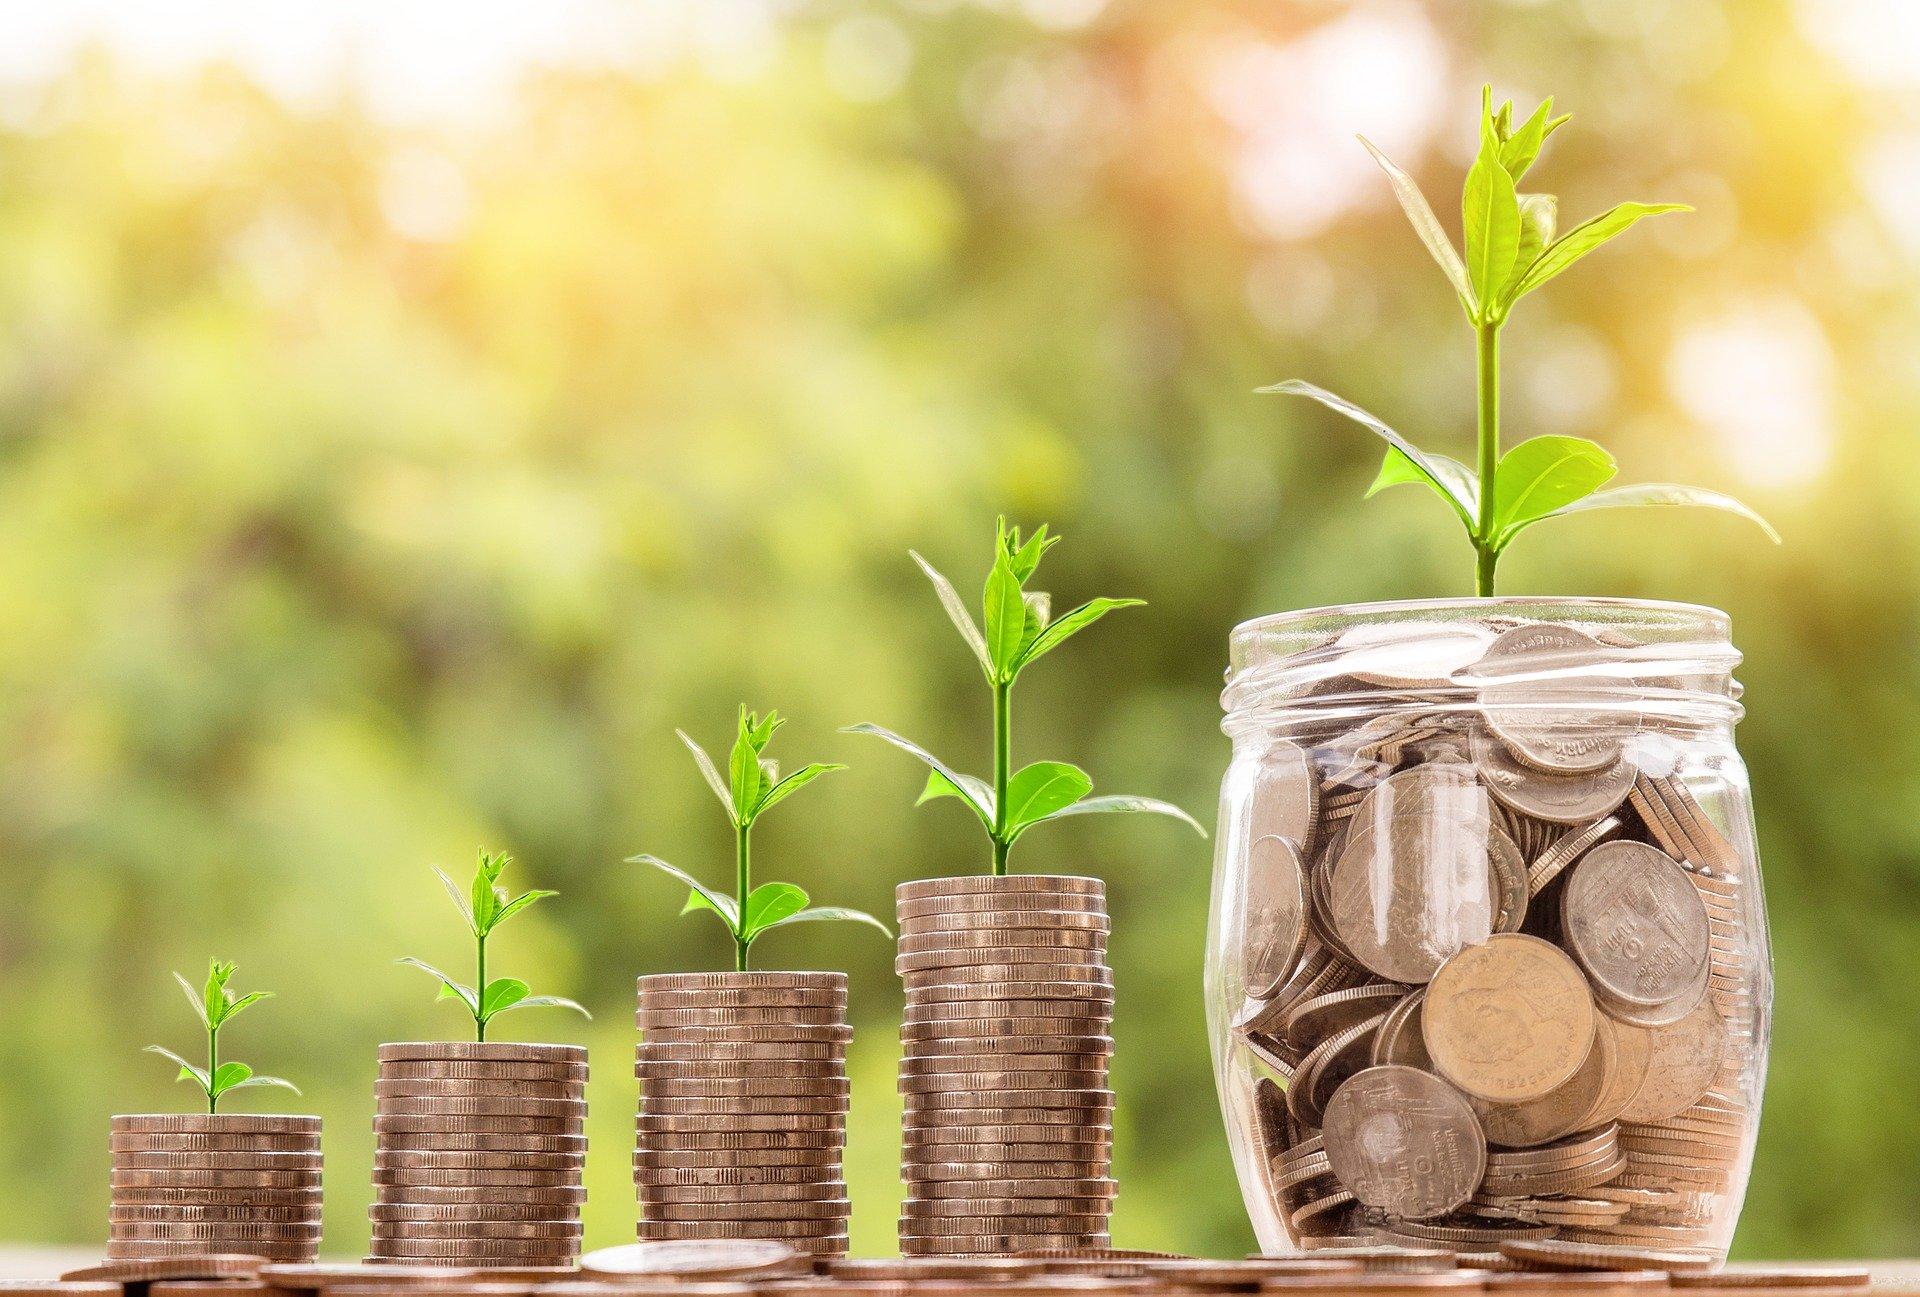 Werterhalt bei Immobilien: Das können Sie als Eigentümer tun